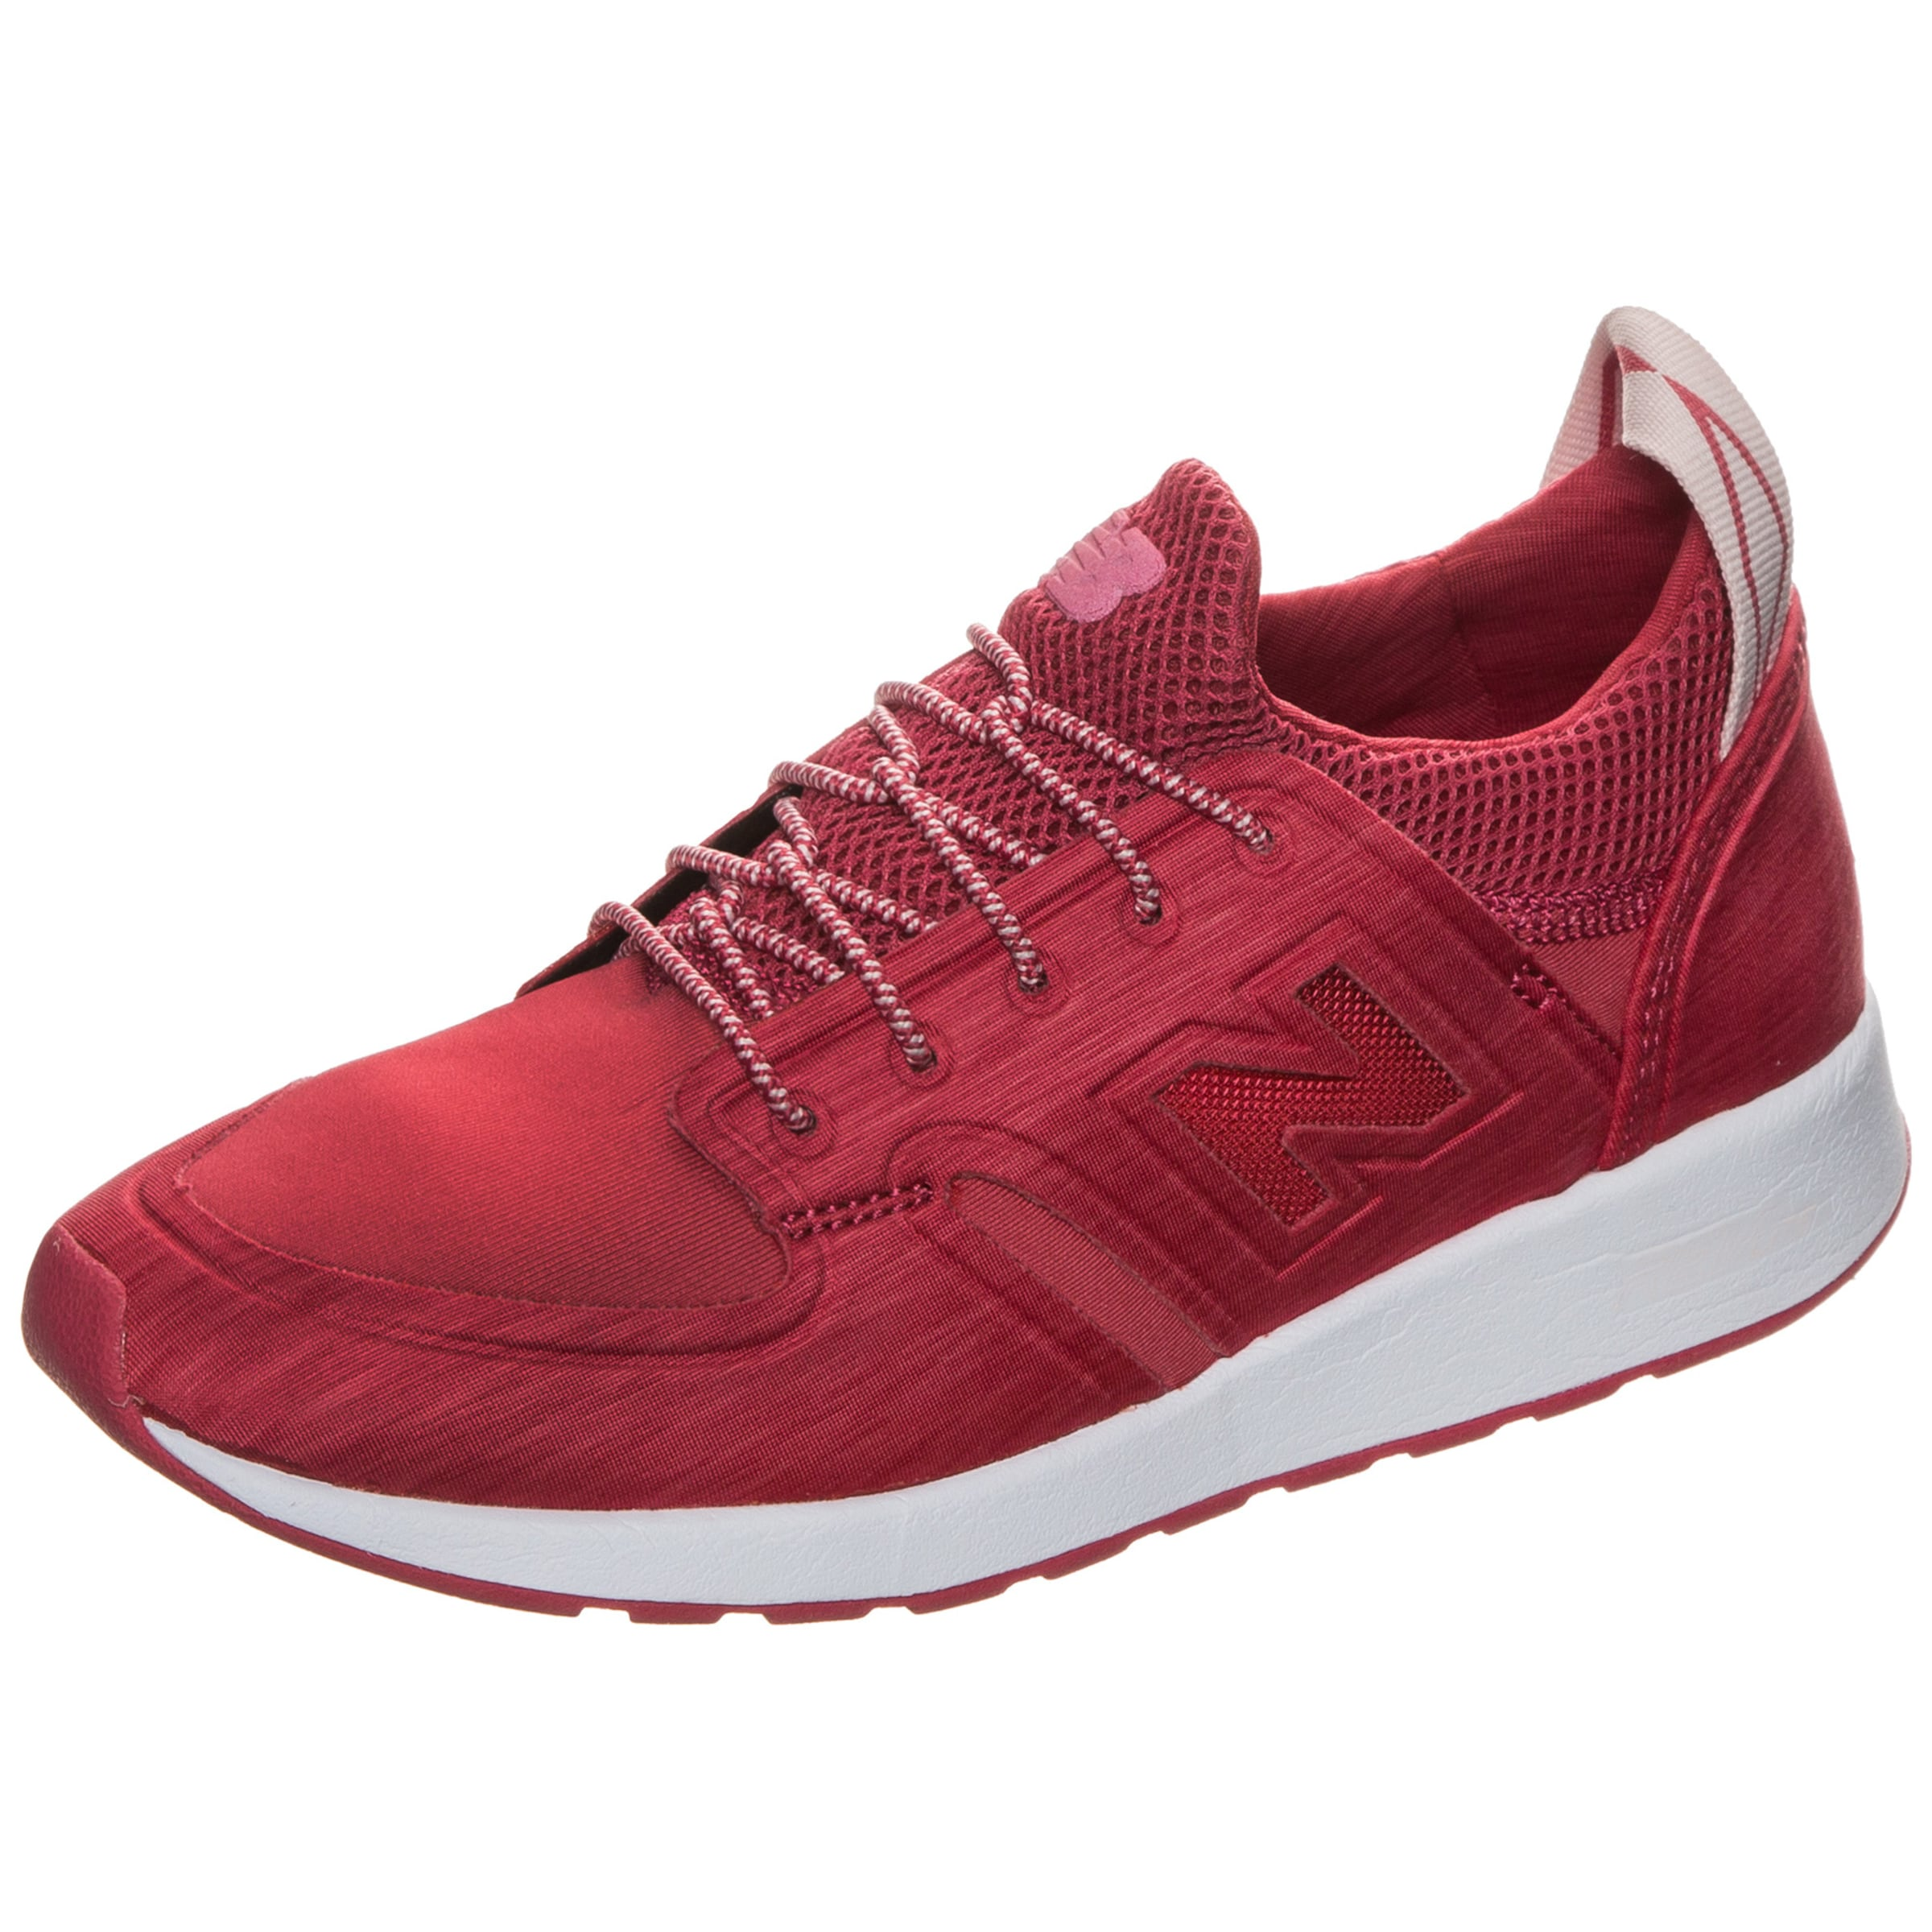 new balance Slip-On Sneaker Verschleißfeste billige Schuhe